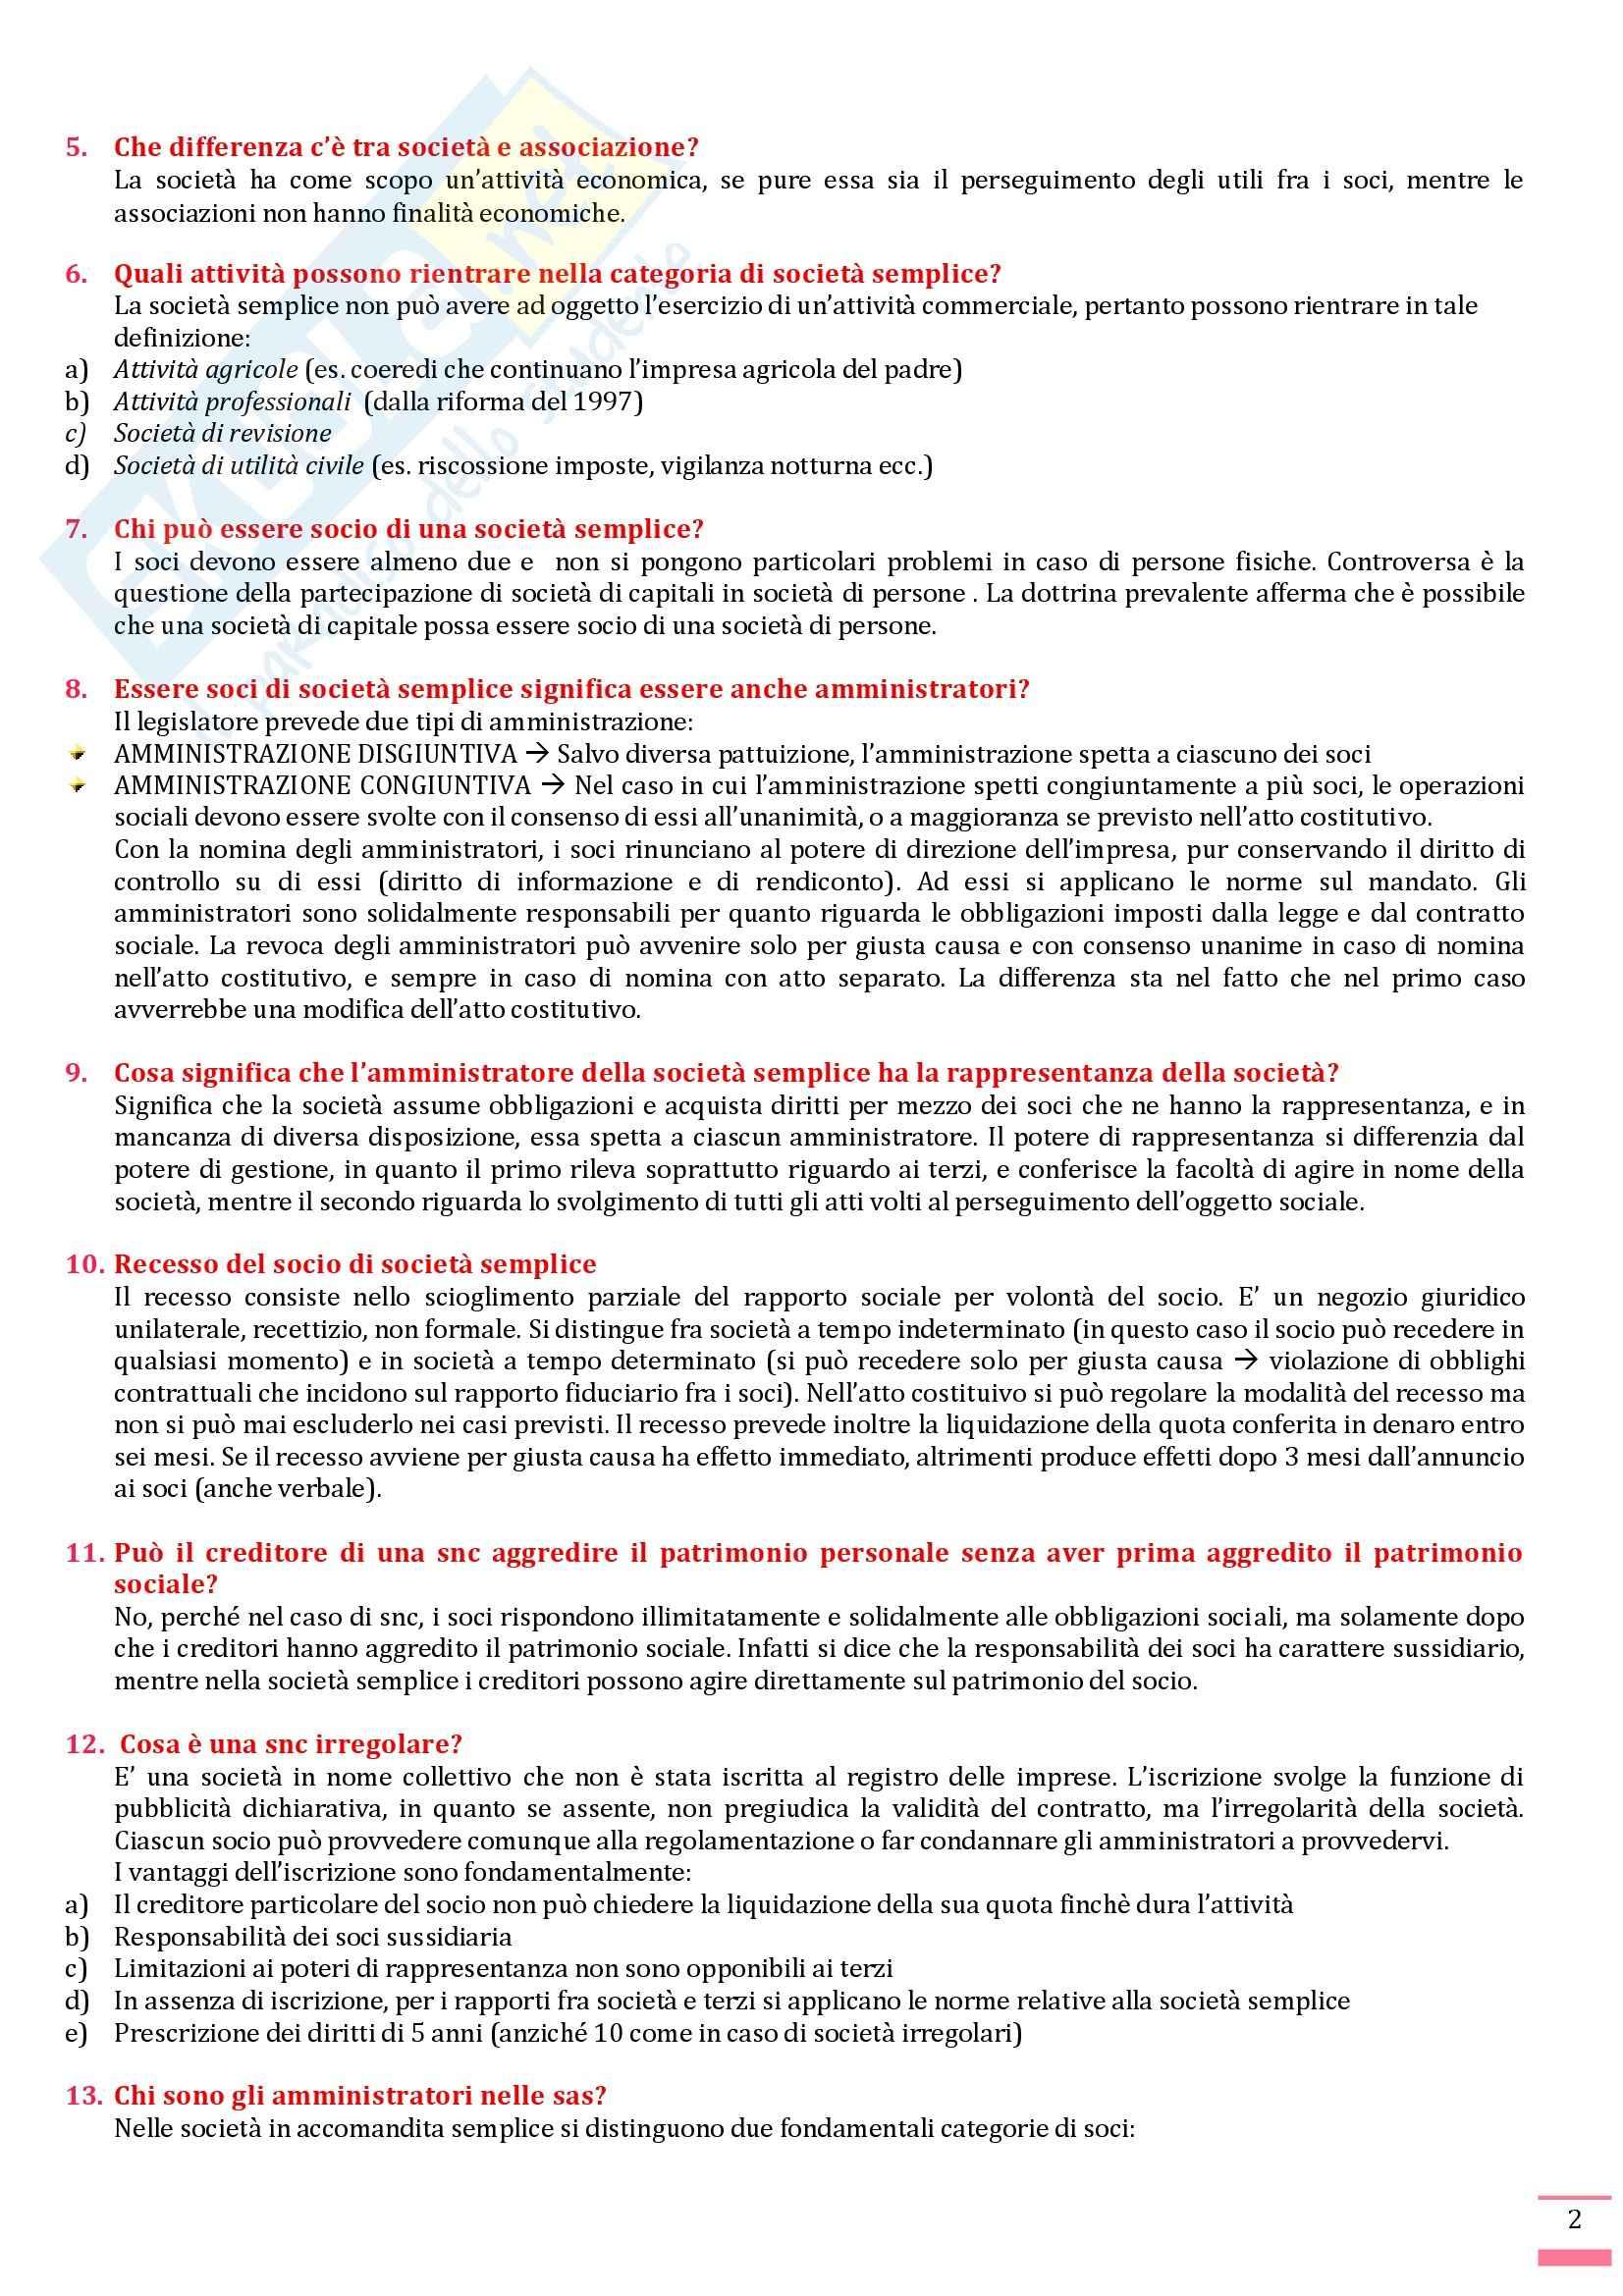 Diritto commerciale - Domande e risposte Pag. 2